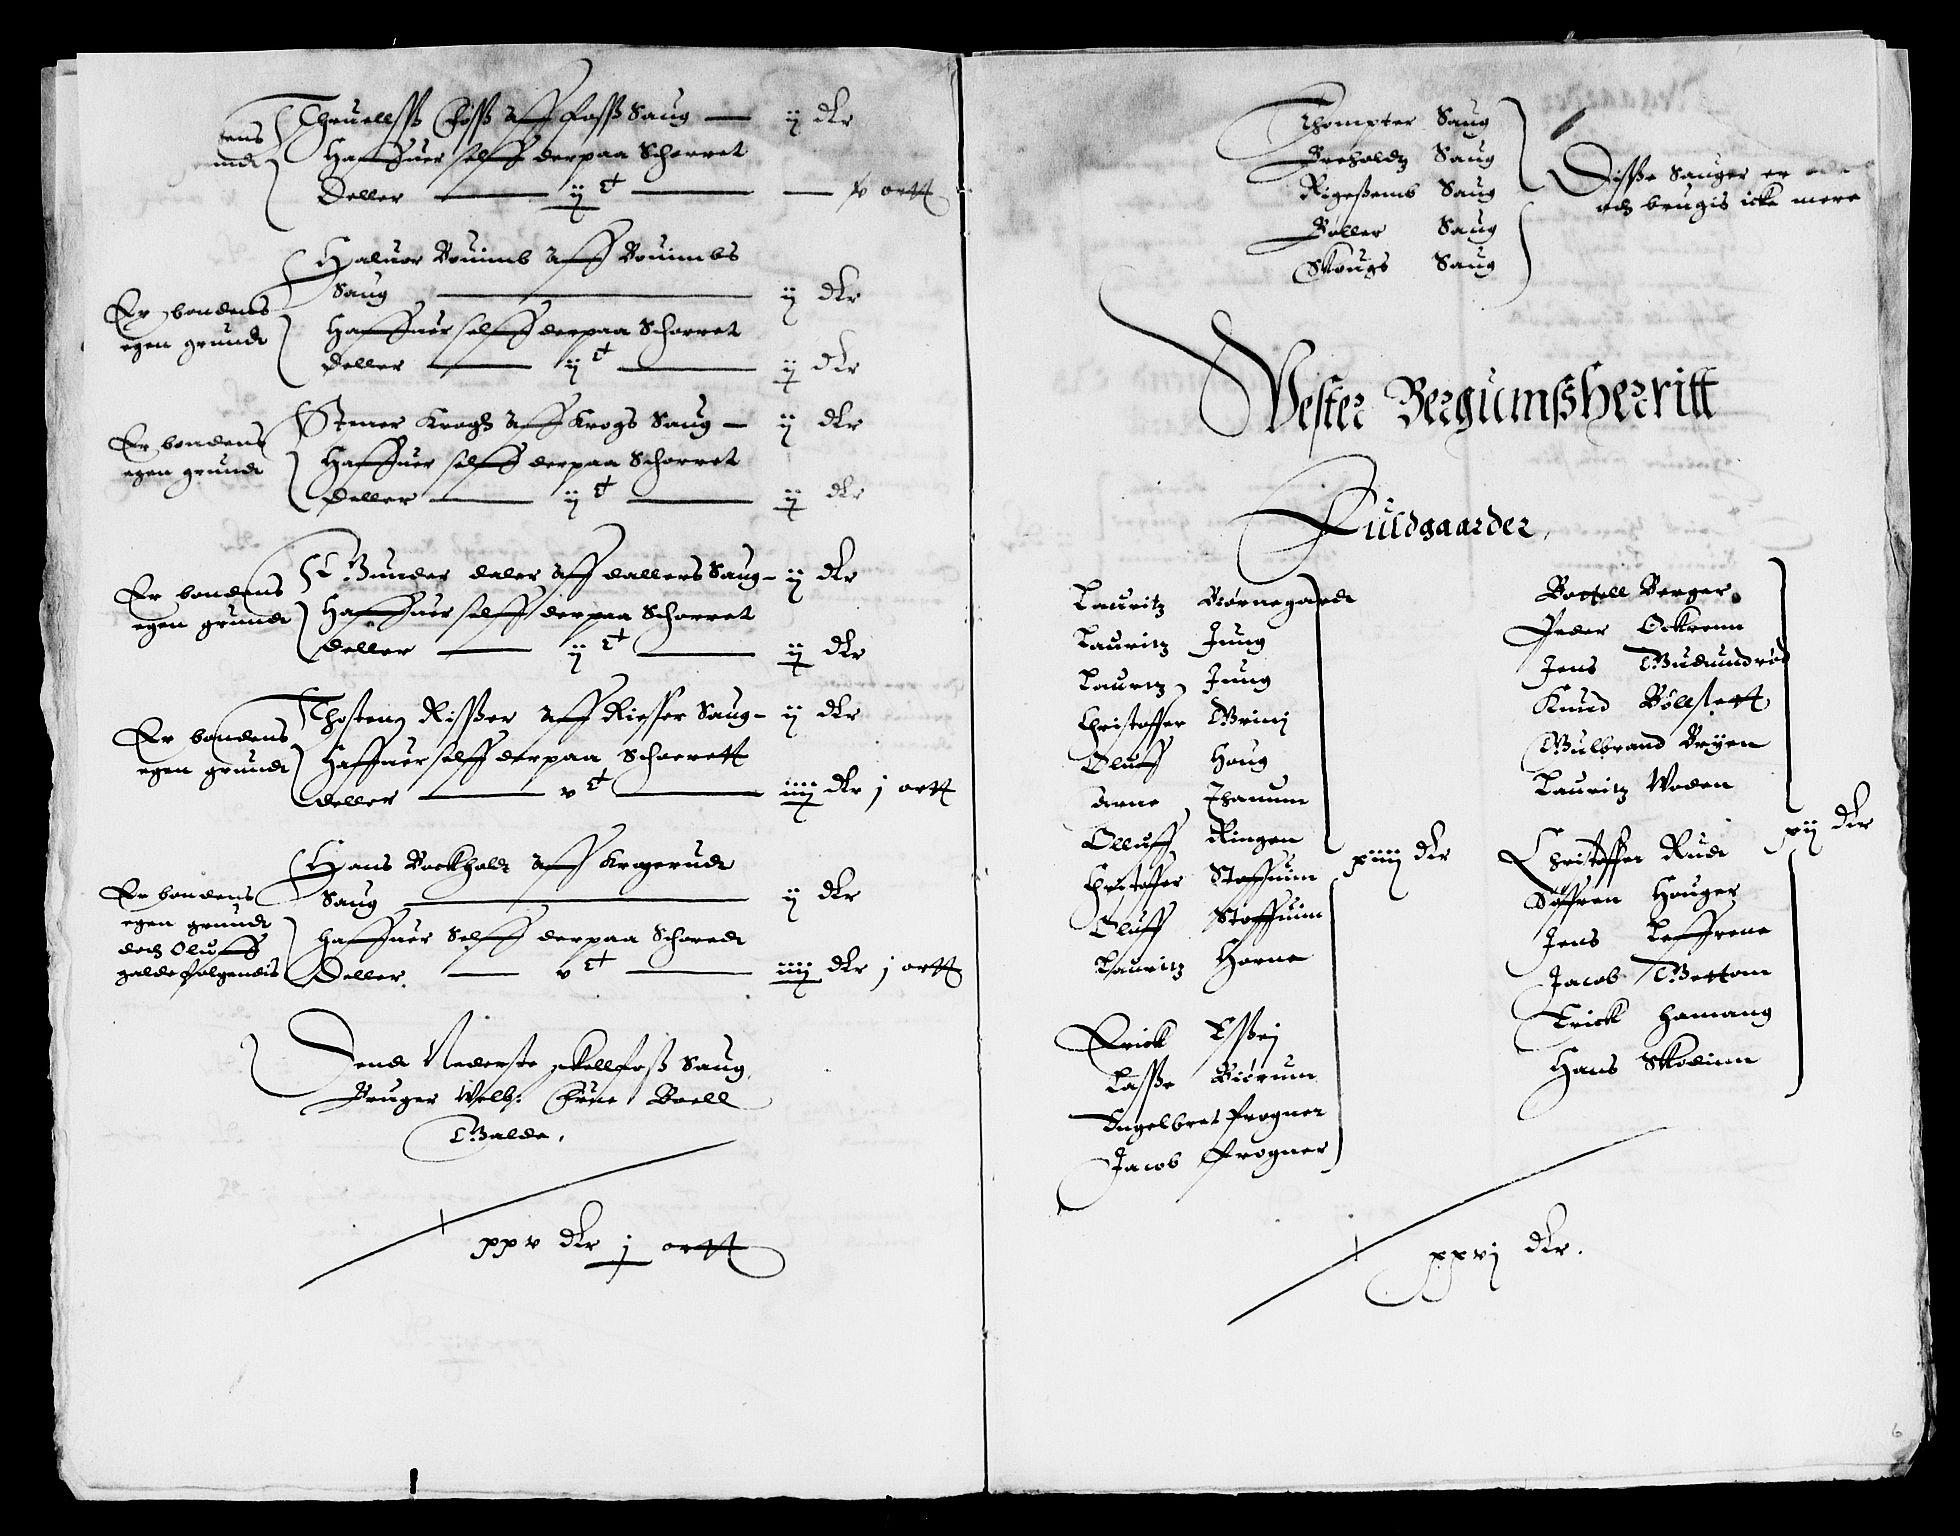 RA, Rentekammeret inntil 1814, Reviderte regnskaper, Lensregnskaper, R/Rb/Rba/L0034: Akershus len, 1608-1614